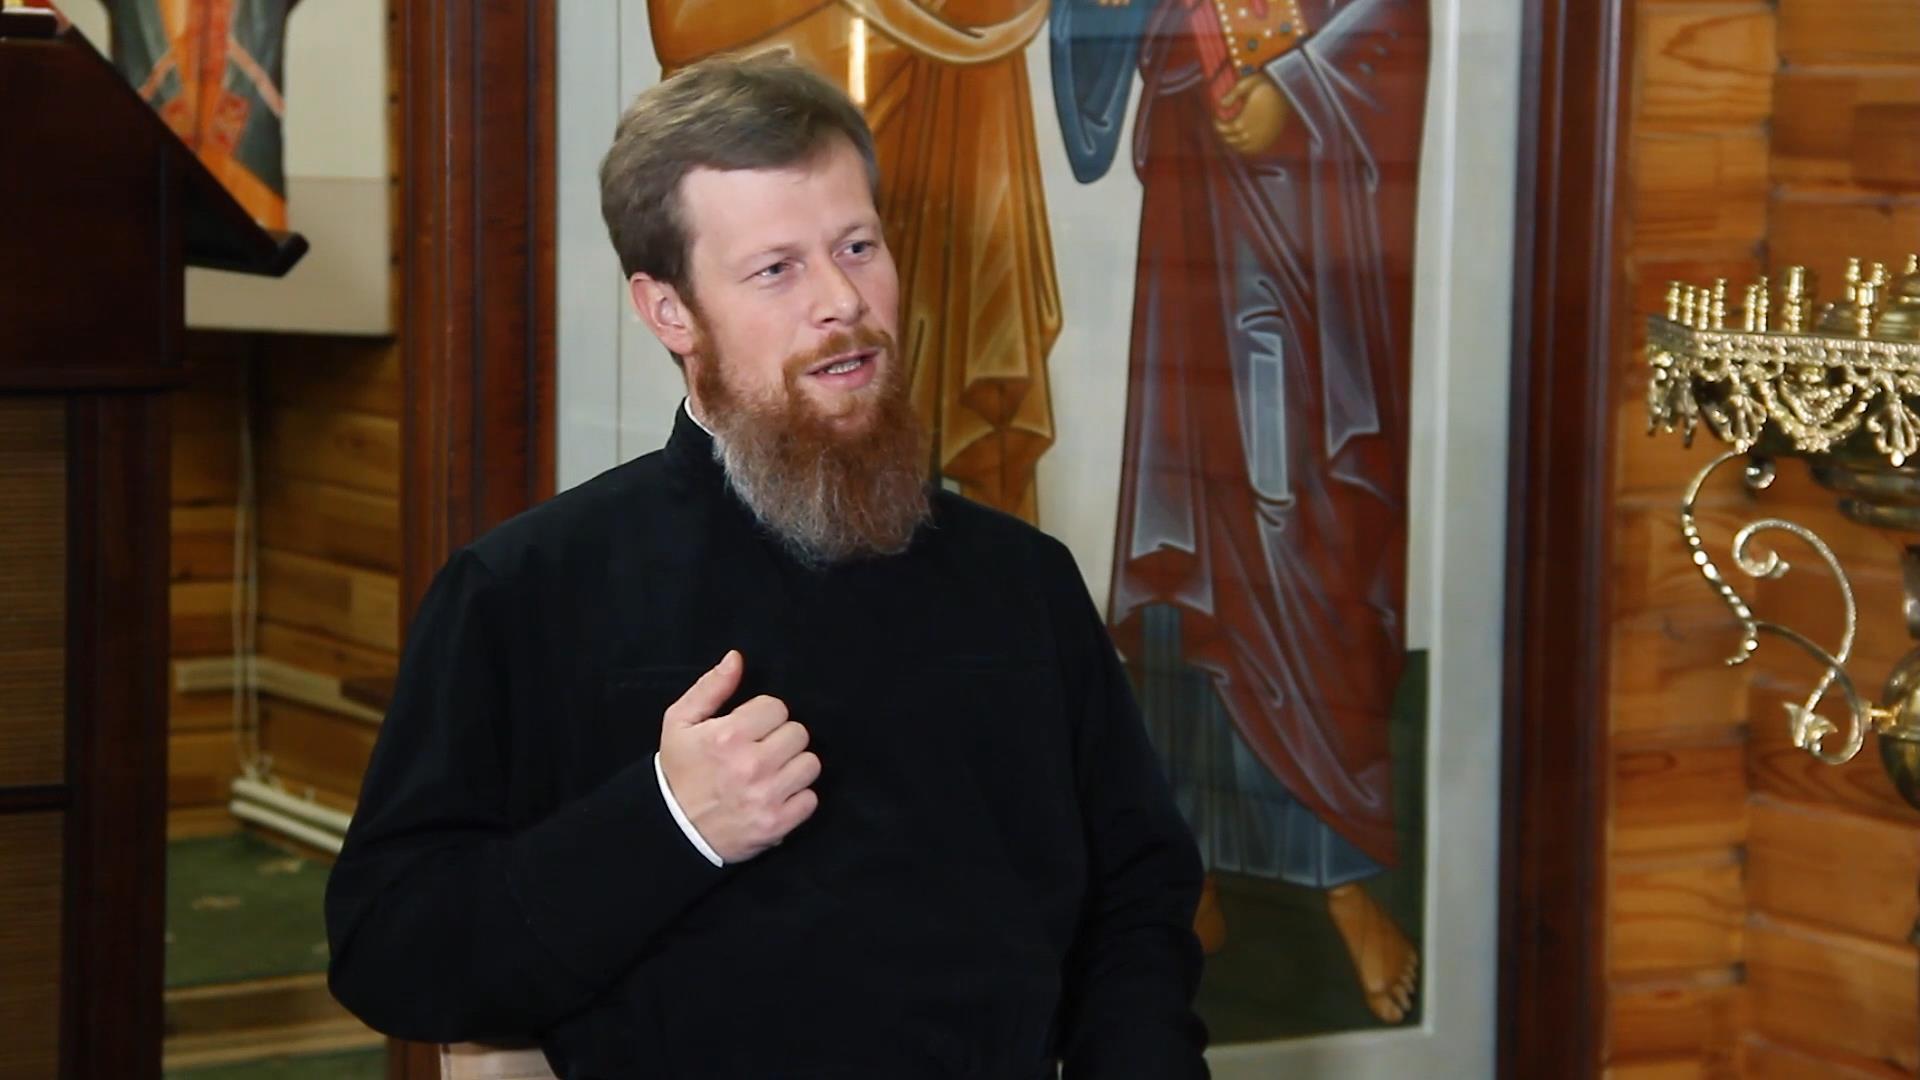 Душеполезное богослужение подготовительных недель к Великому посту - видео беседы с протодиаконом Павлом Бубновым. Часть 1